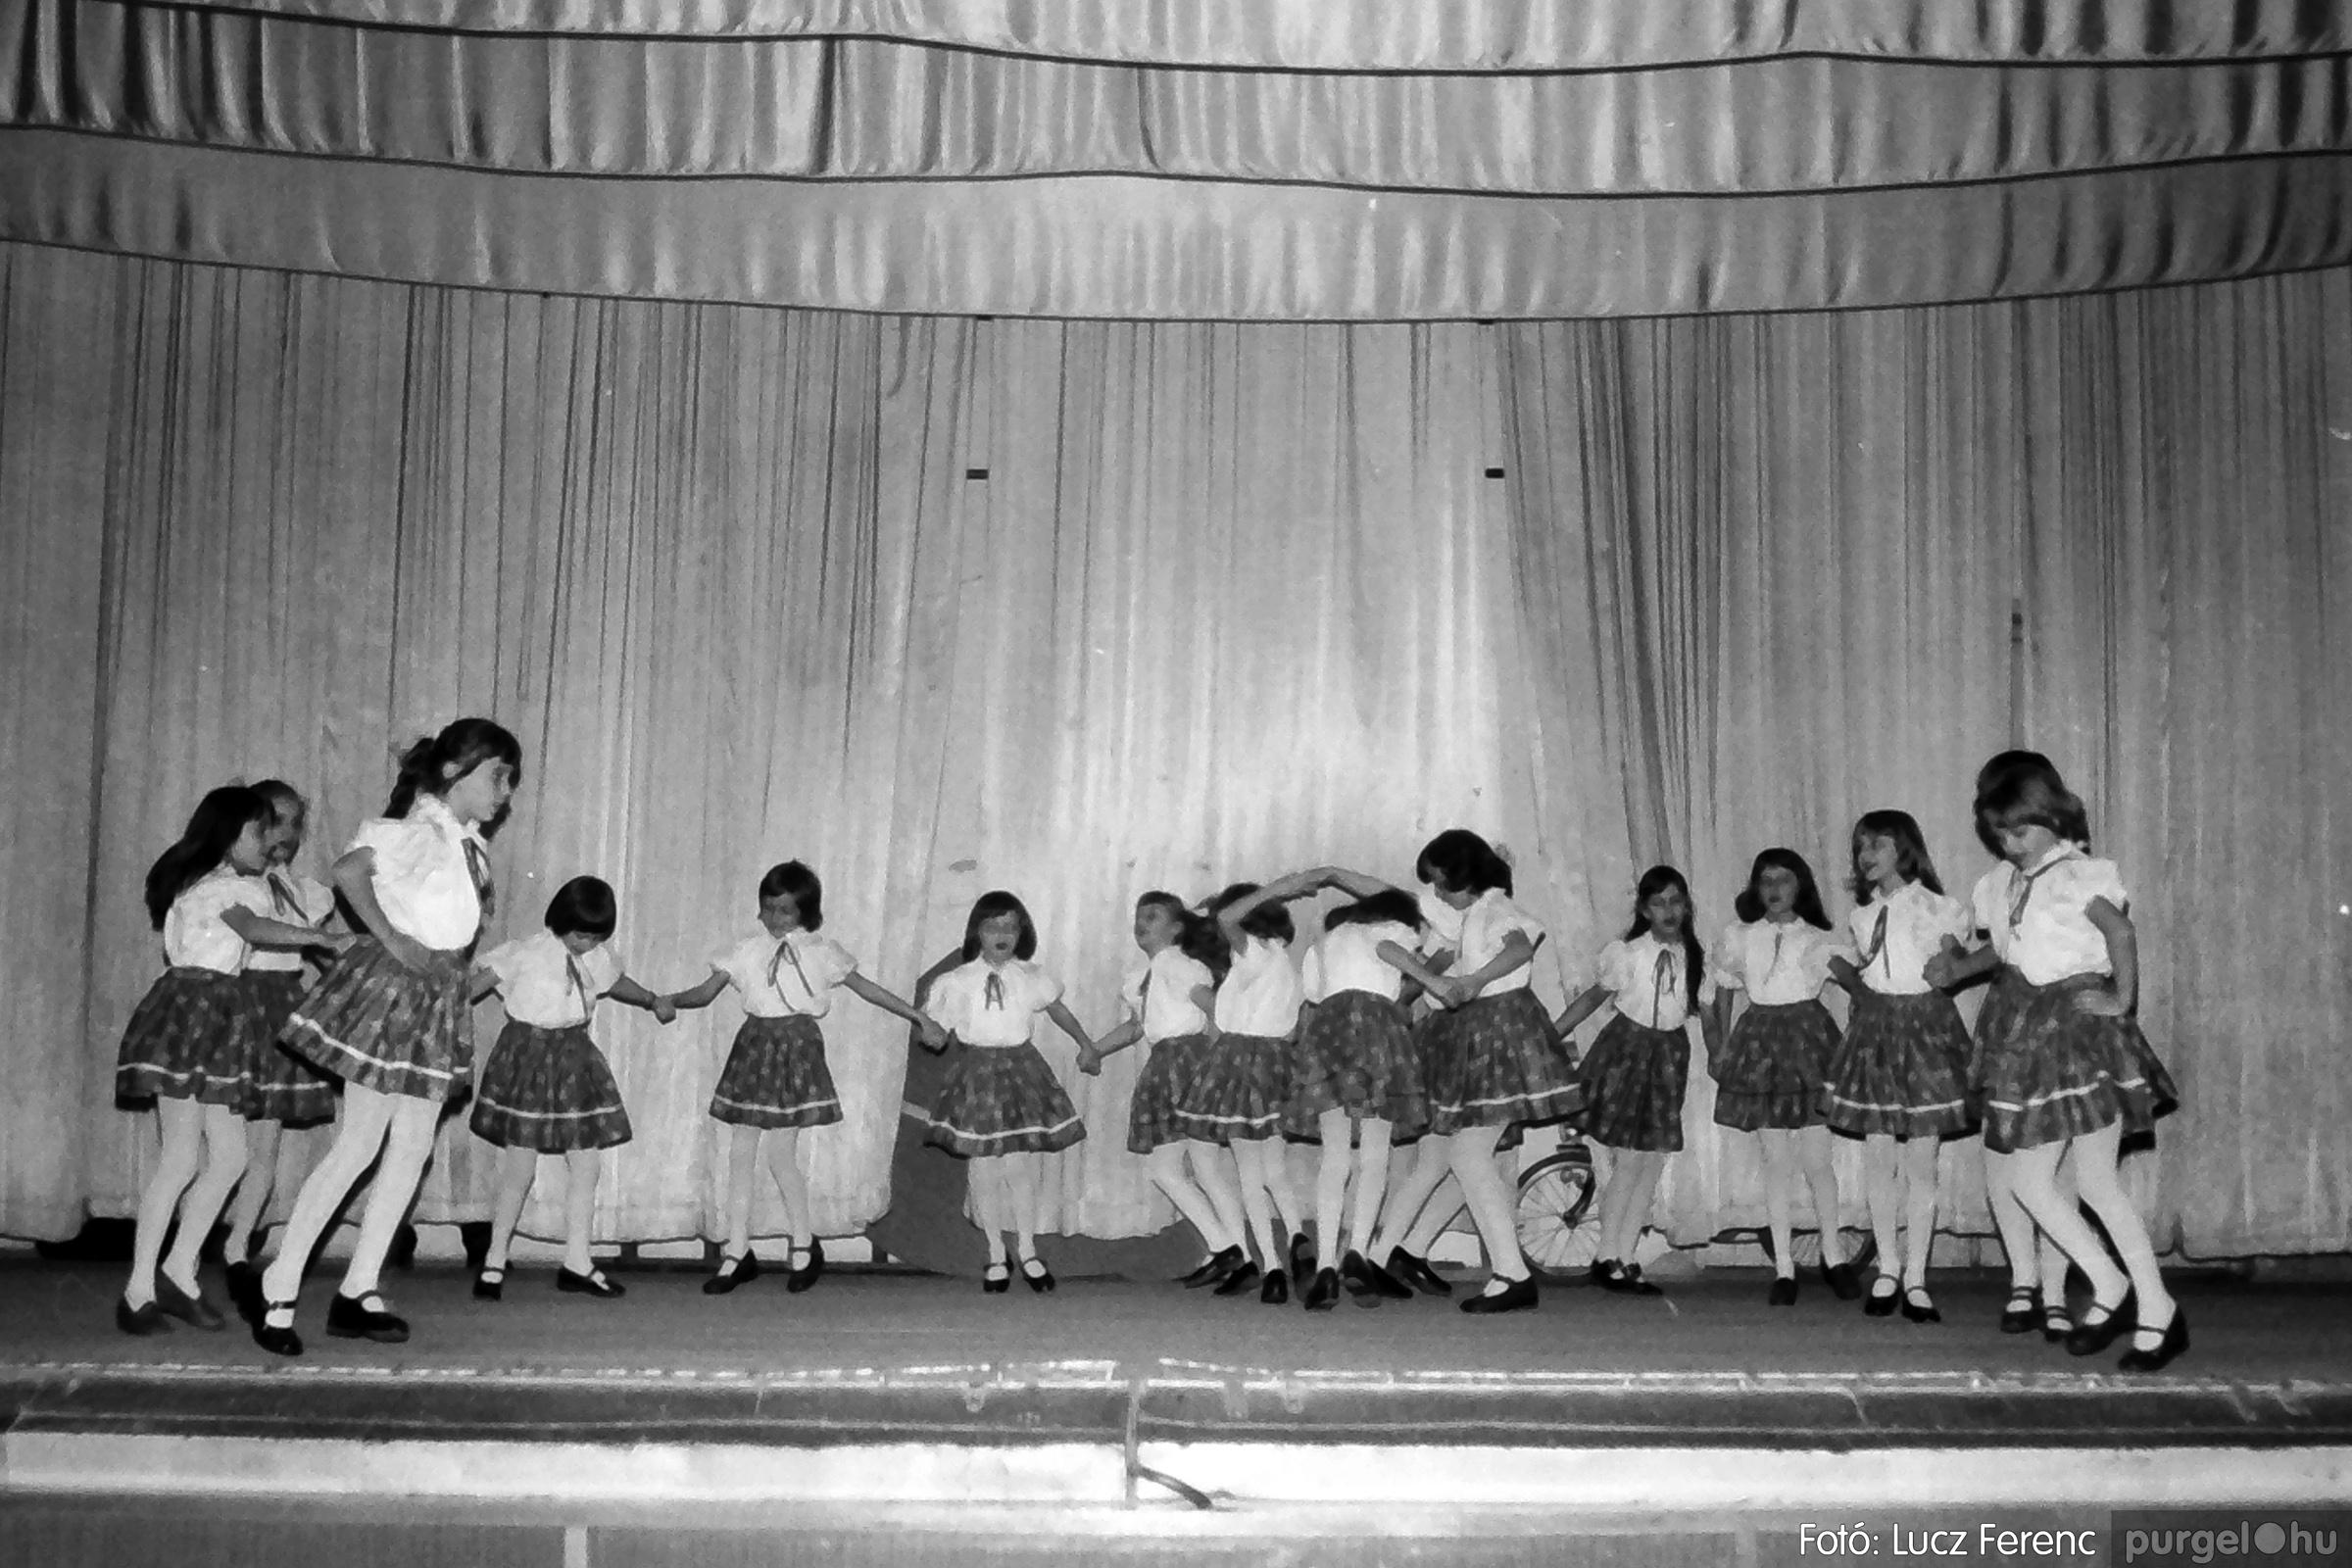 076. 1977. Iskolások fellépése a kultúrházban 022. - Fotó: Lucz Ferenc.jpg